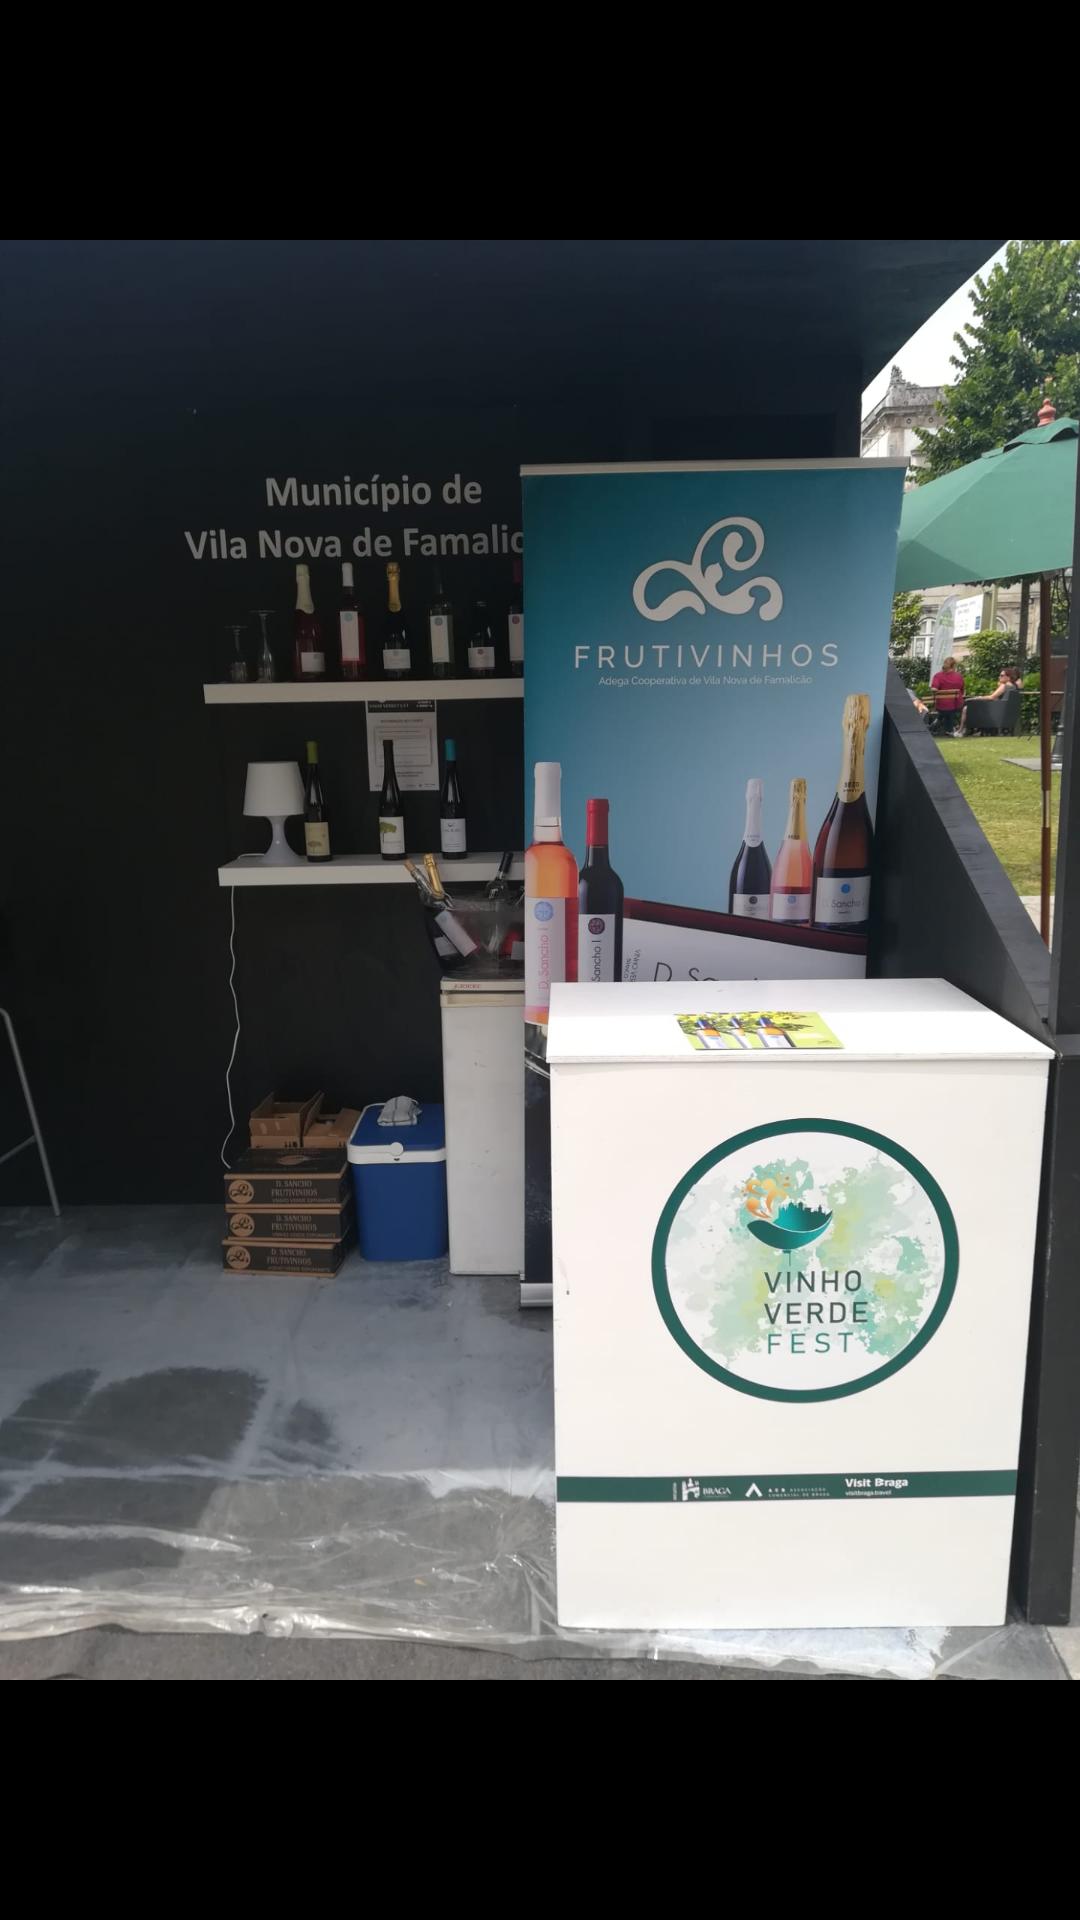 Vinho Verde Fest Braga